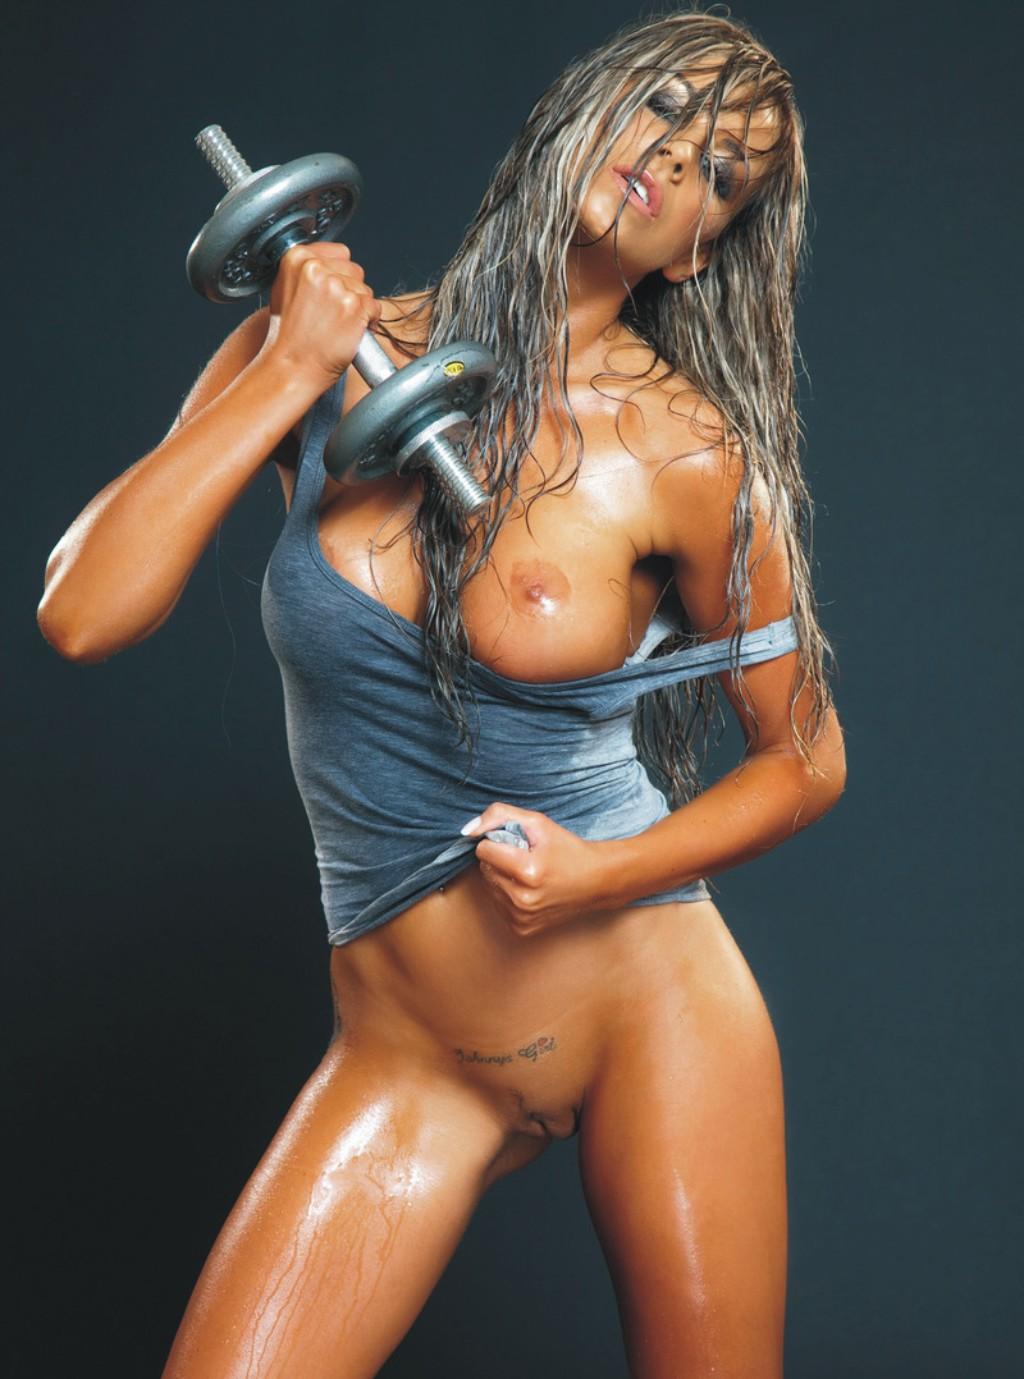 Фото спортсменок эротичные 7 фотография